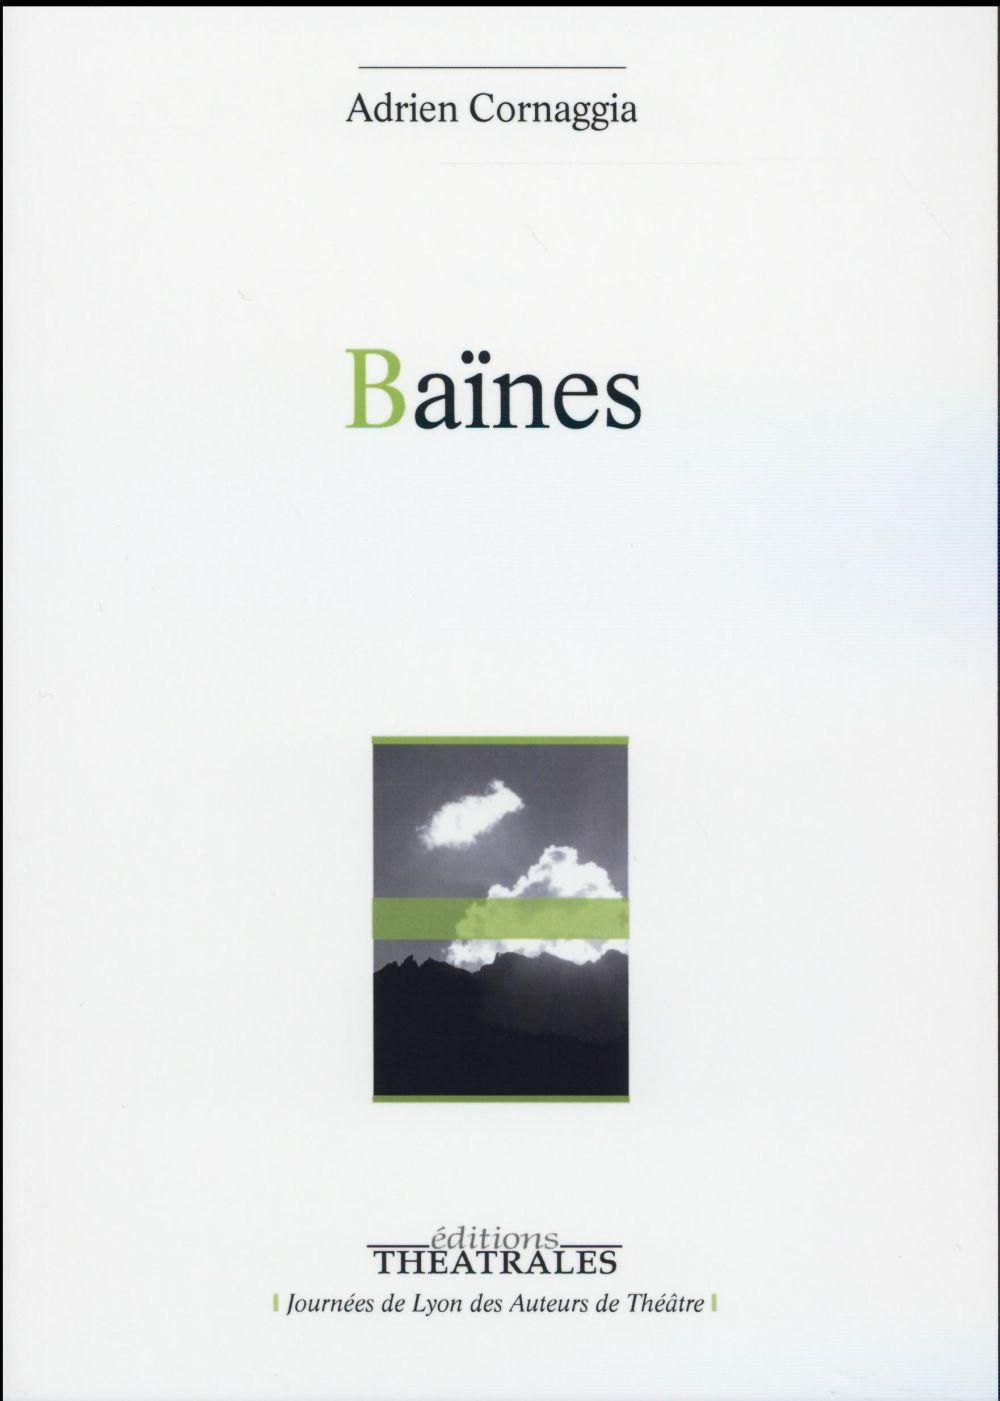 BAINES